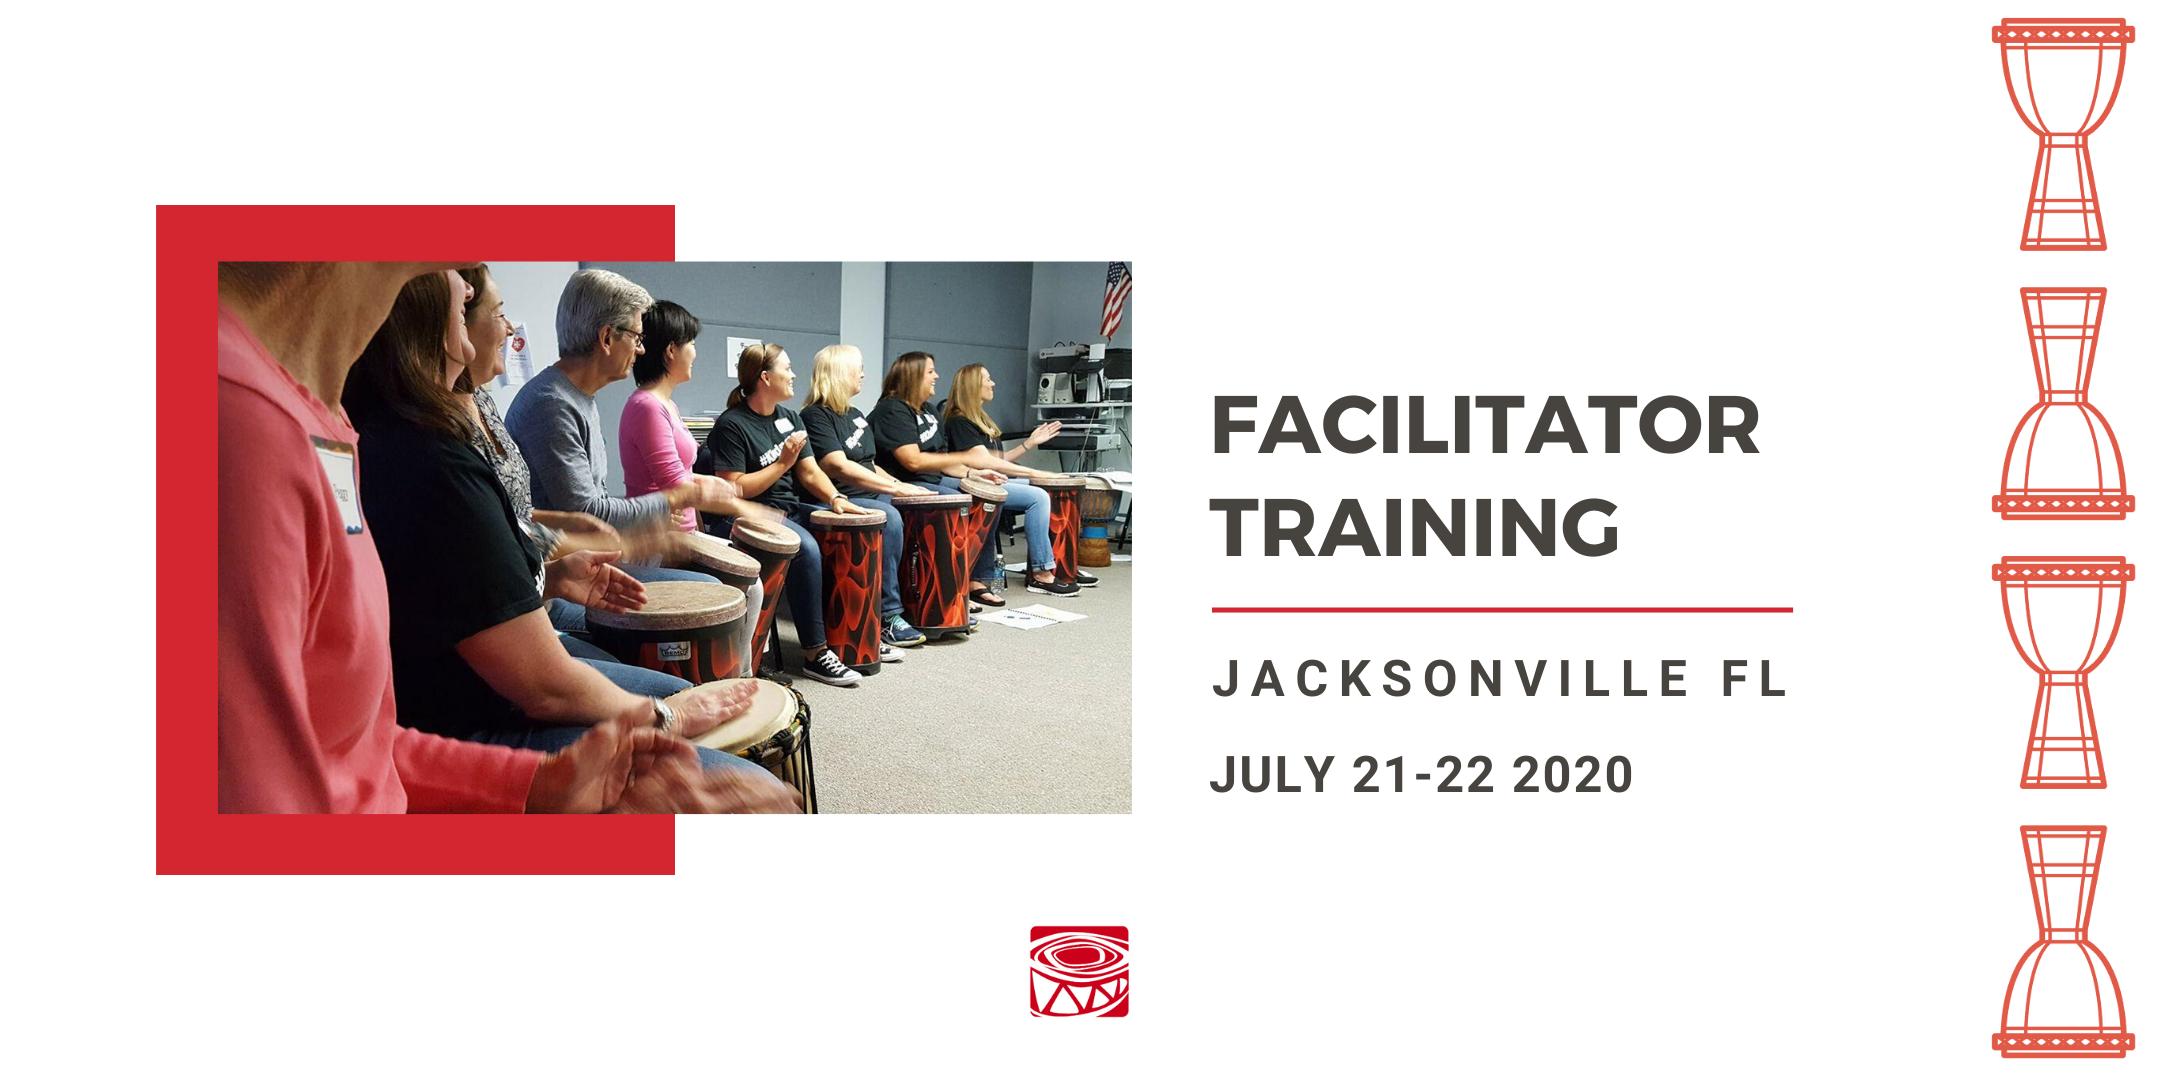 2020_07_21_Jacksonville | Jacksonville 2 Day Facilitator Training Program | Holyoake